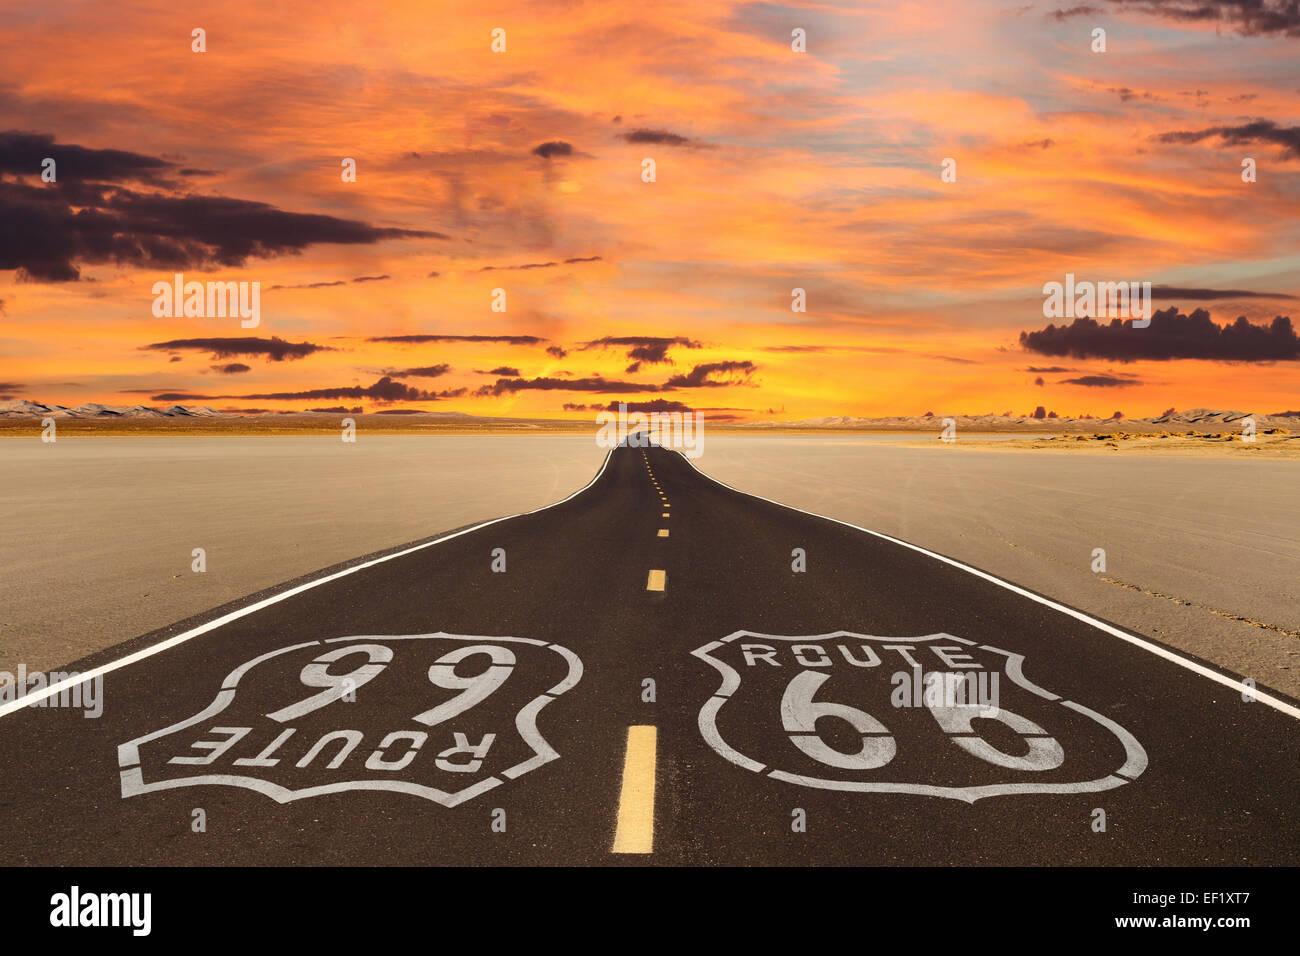 Resa Romanticized Route 66 attraversando un dry lake bed nel vasto deserto Mojave. Immagini Stock